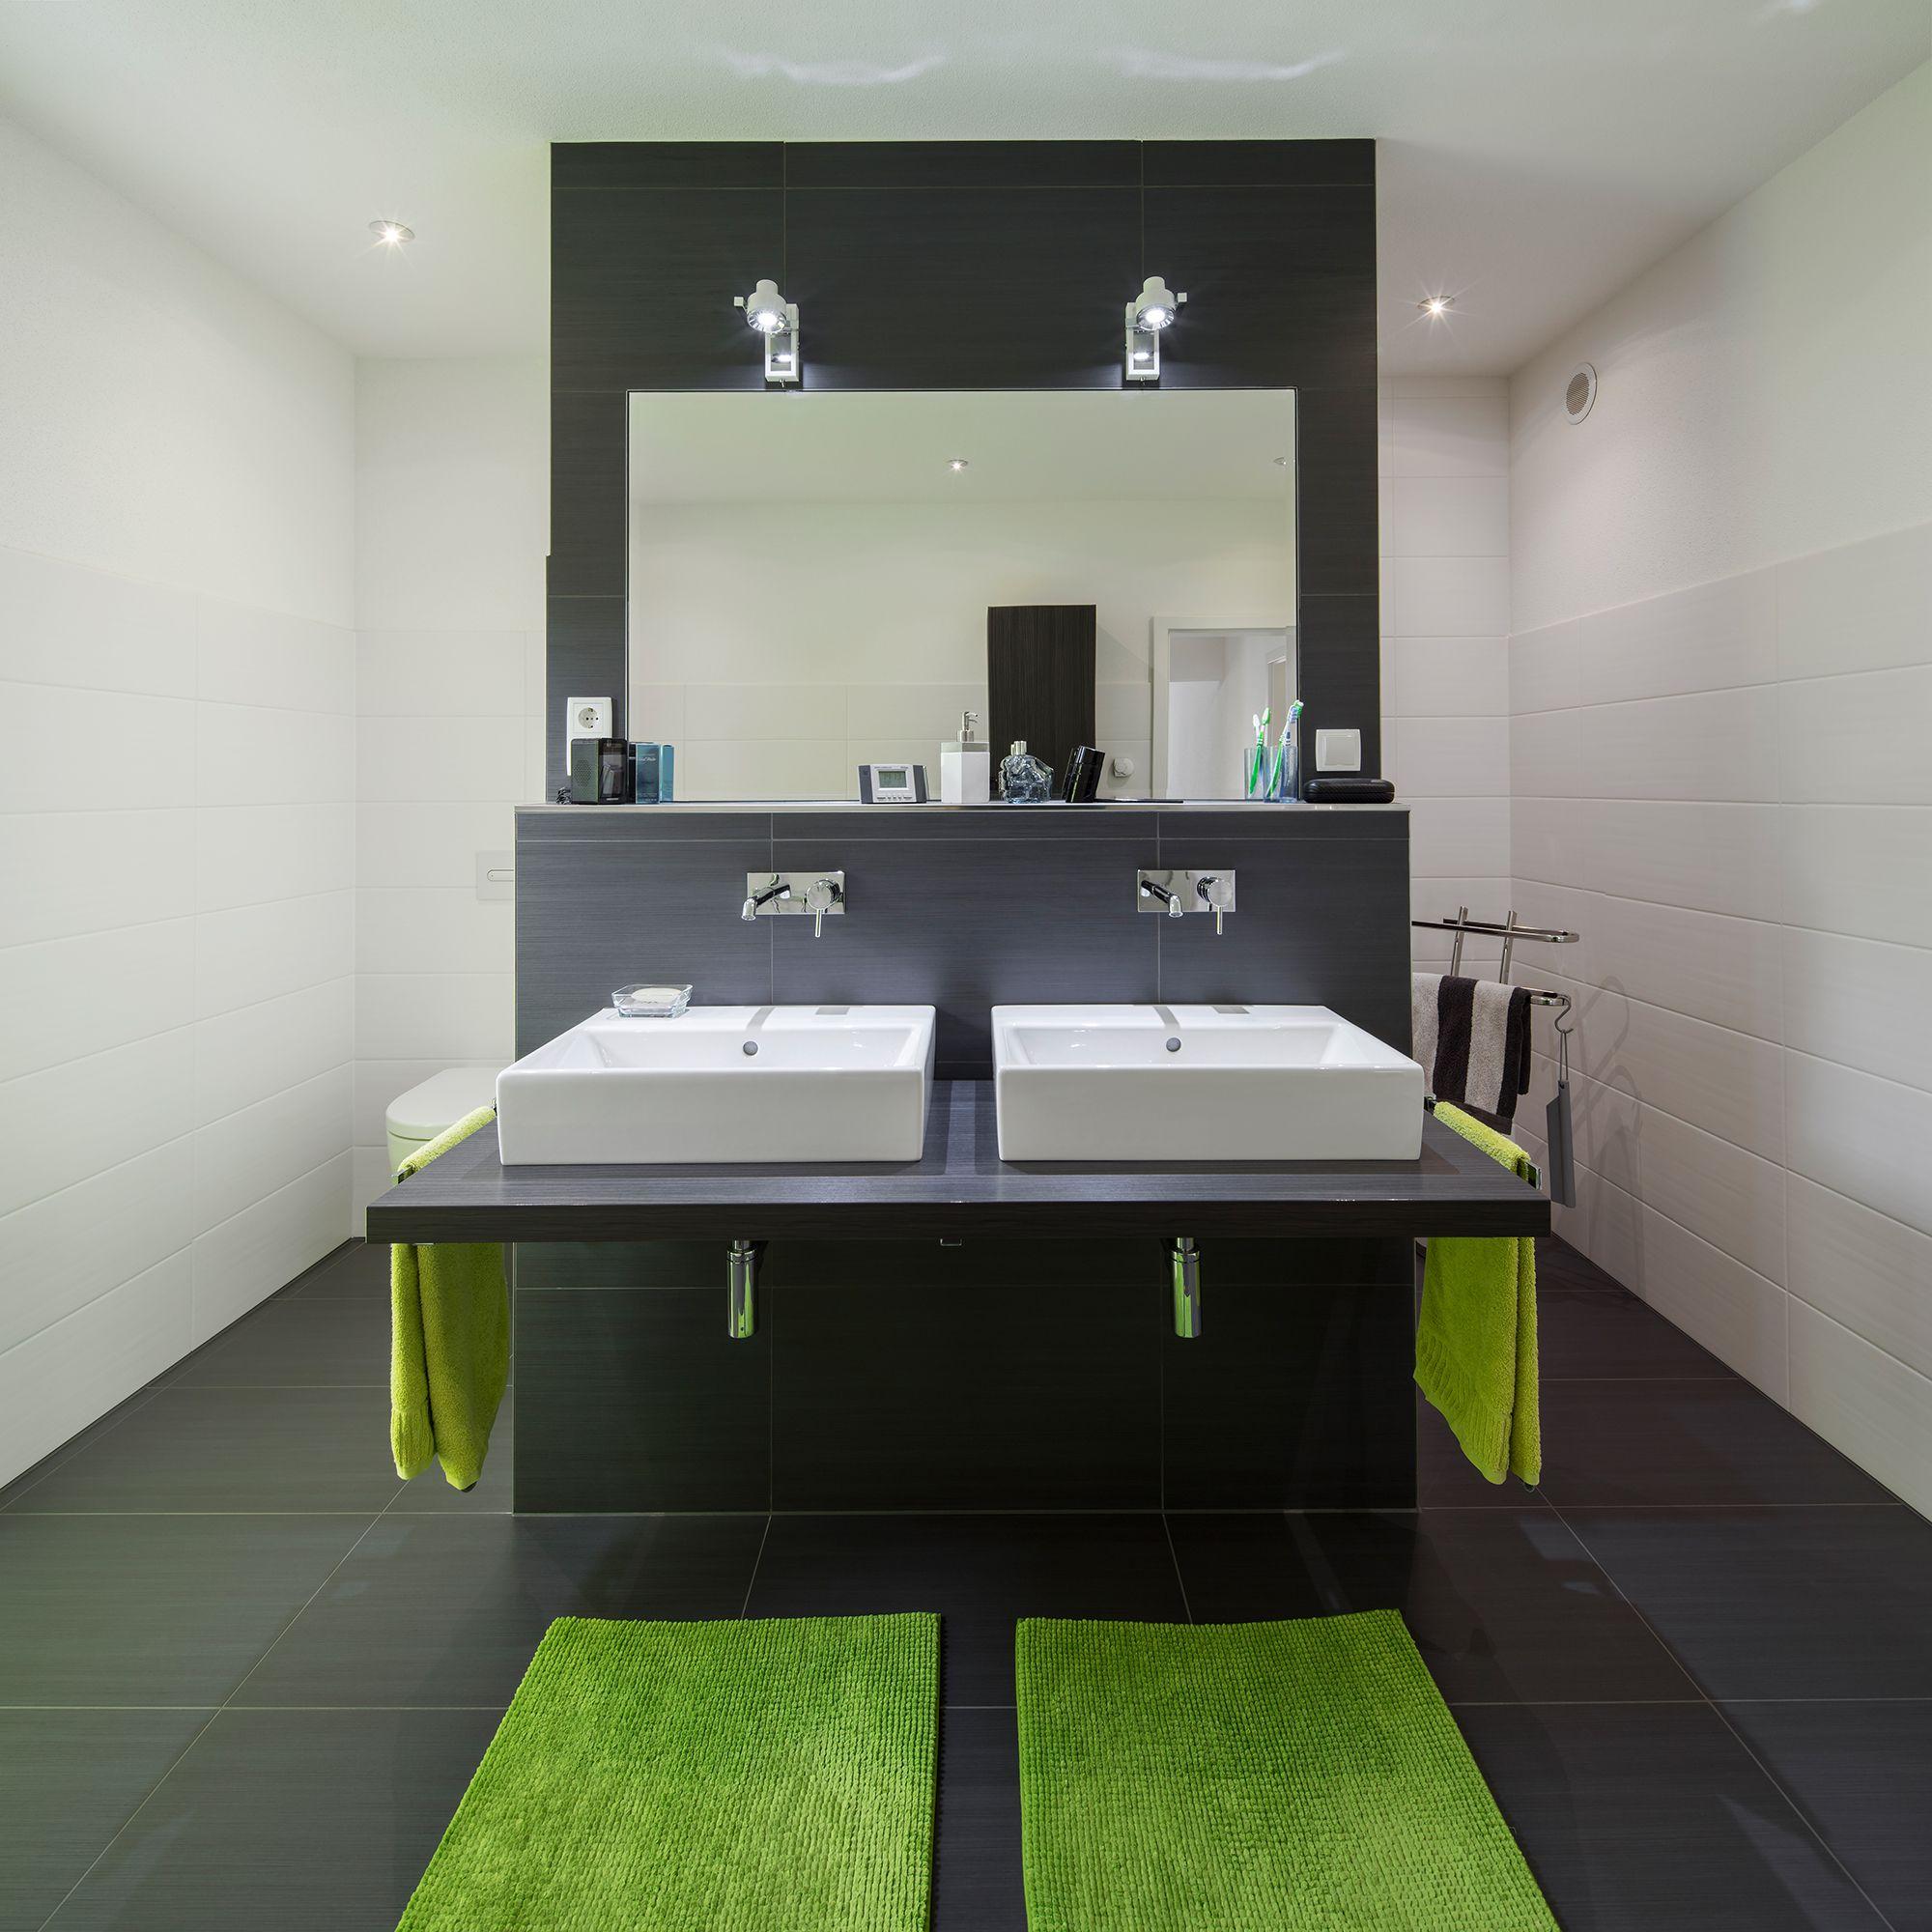 Fertighaus Wohnidee Badezimmer In Schwarz Und Grün